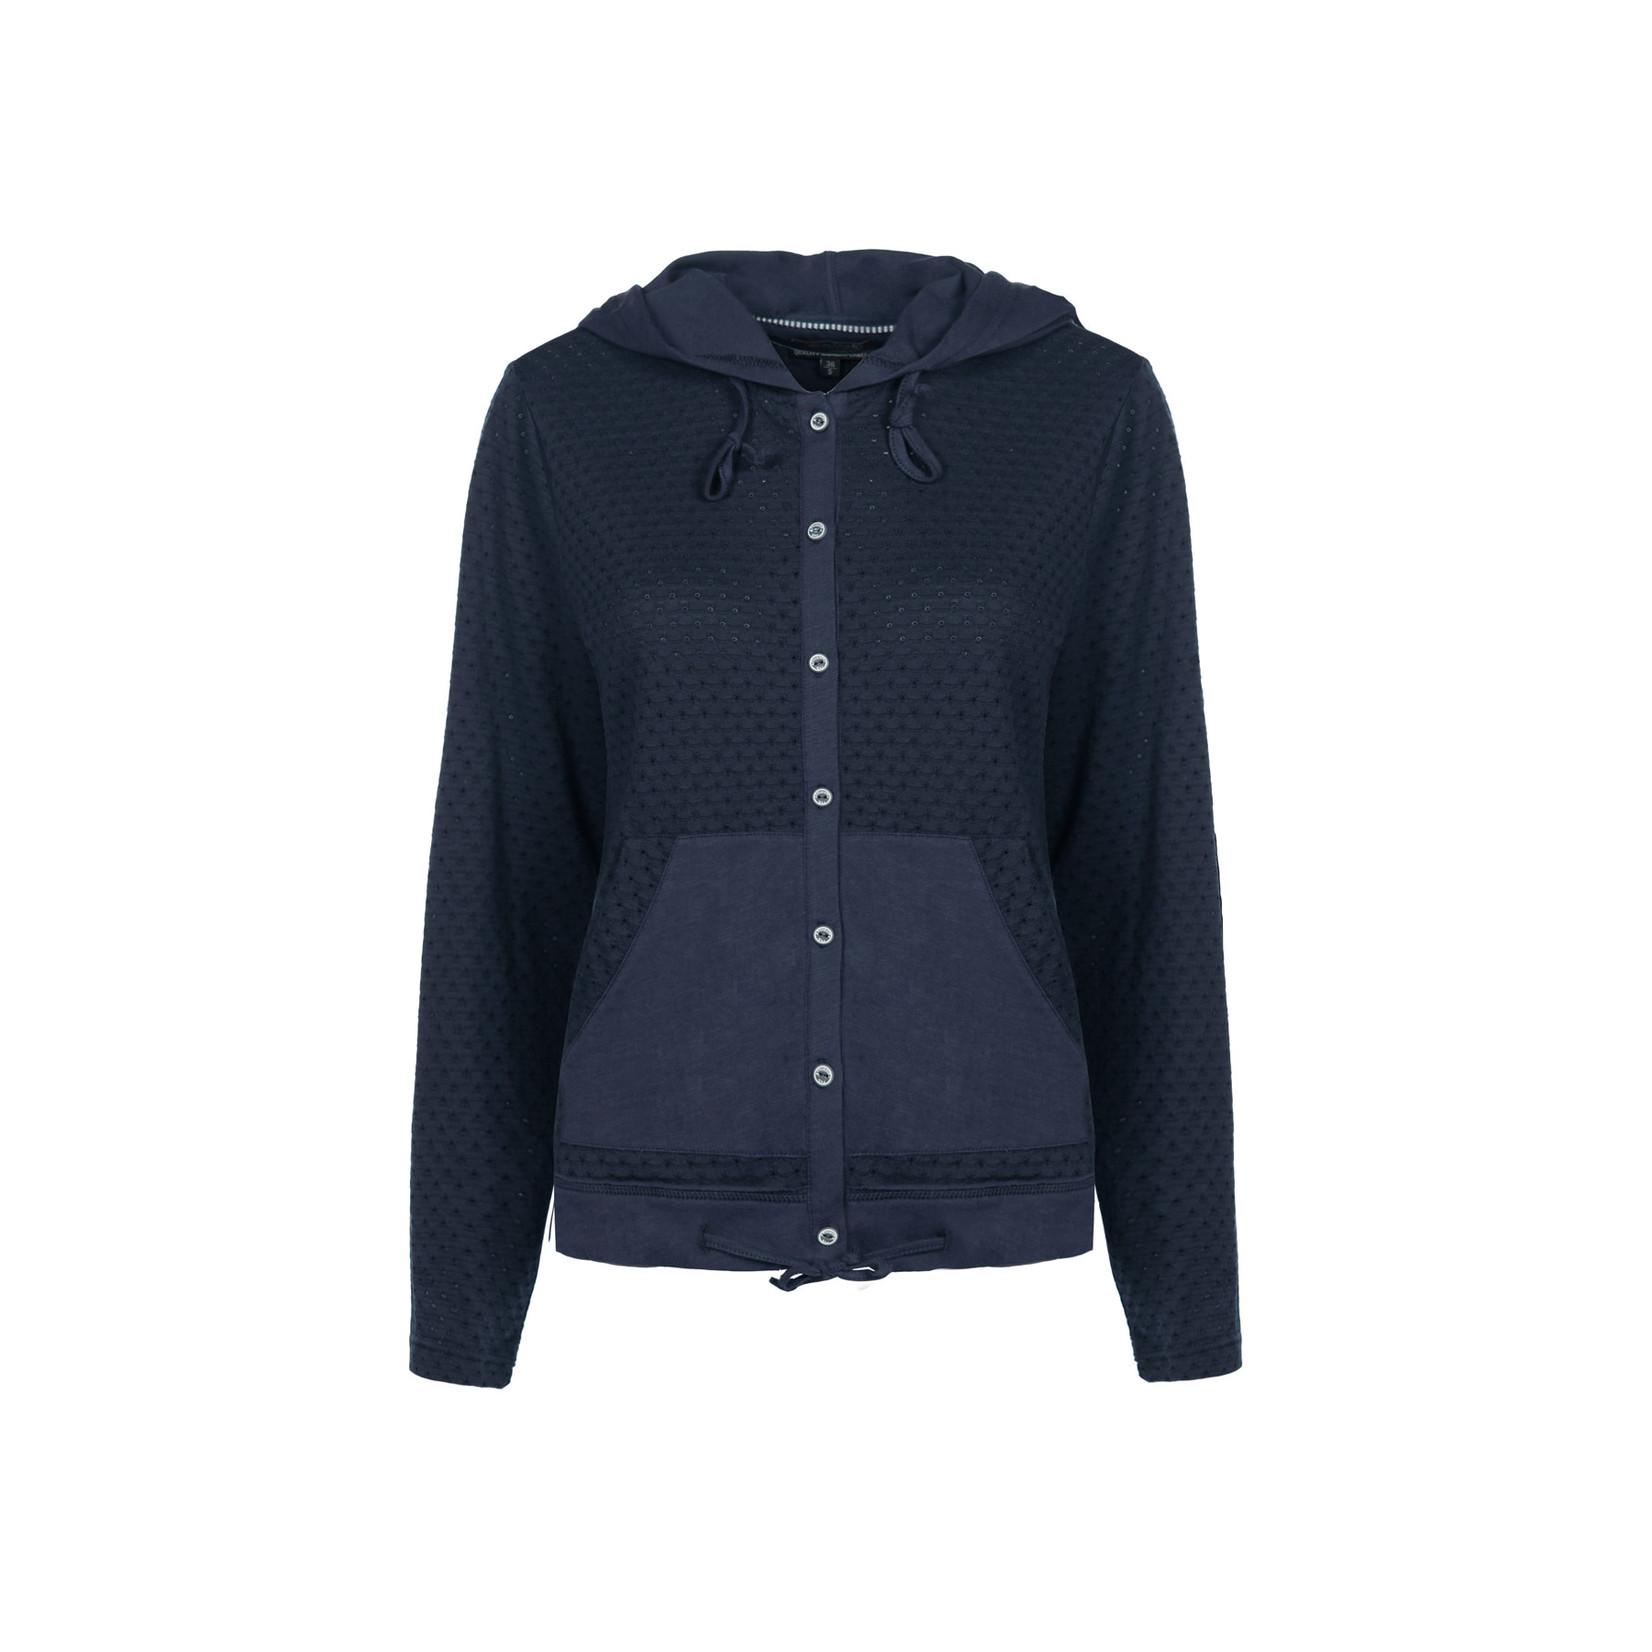 Soquesto Soquesto tricot Sweatjacke navy 6220-501832